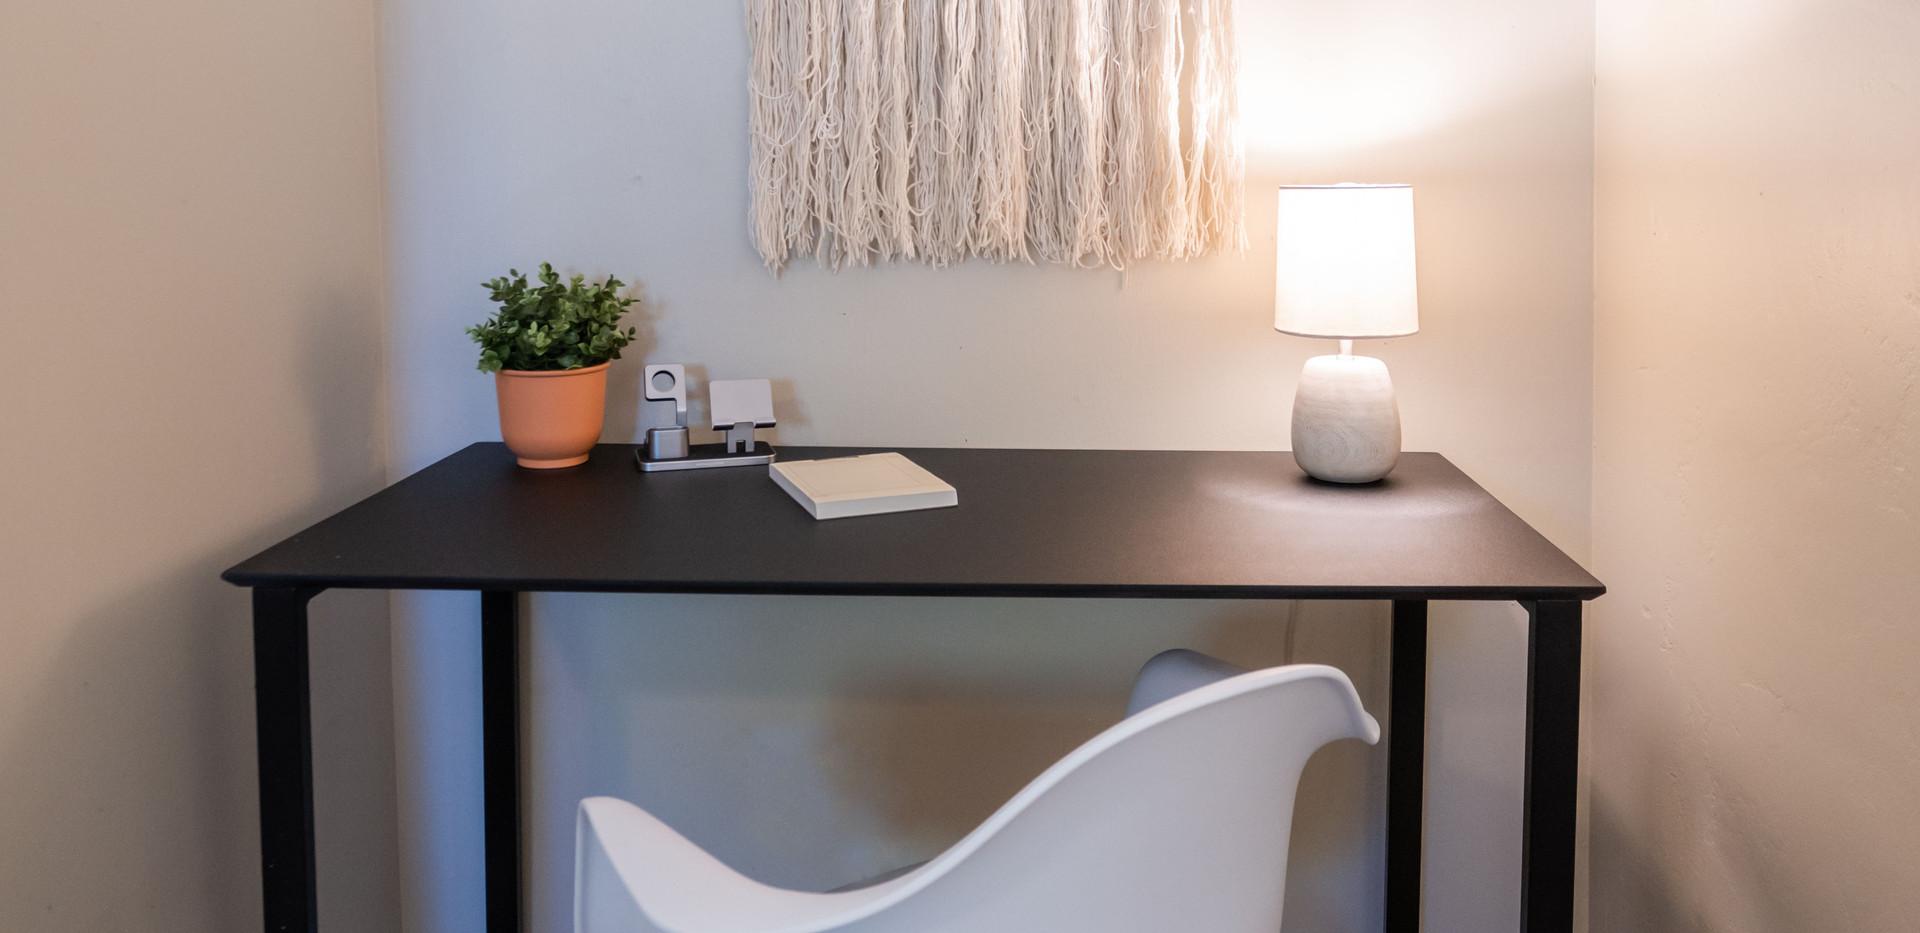 Bedroom A | Desk Nook